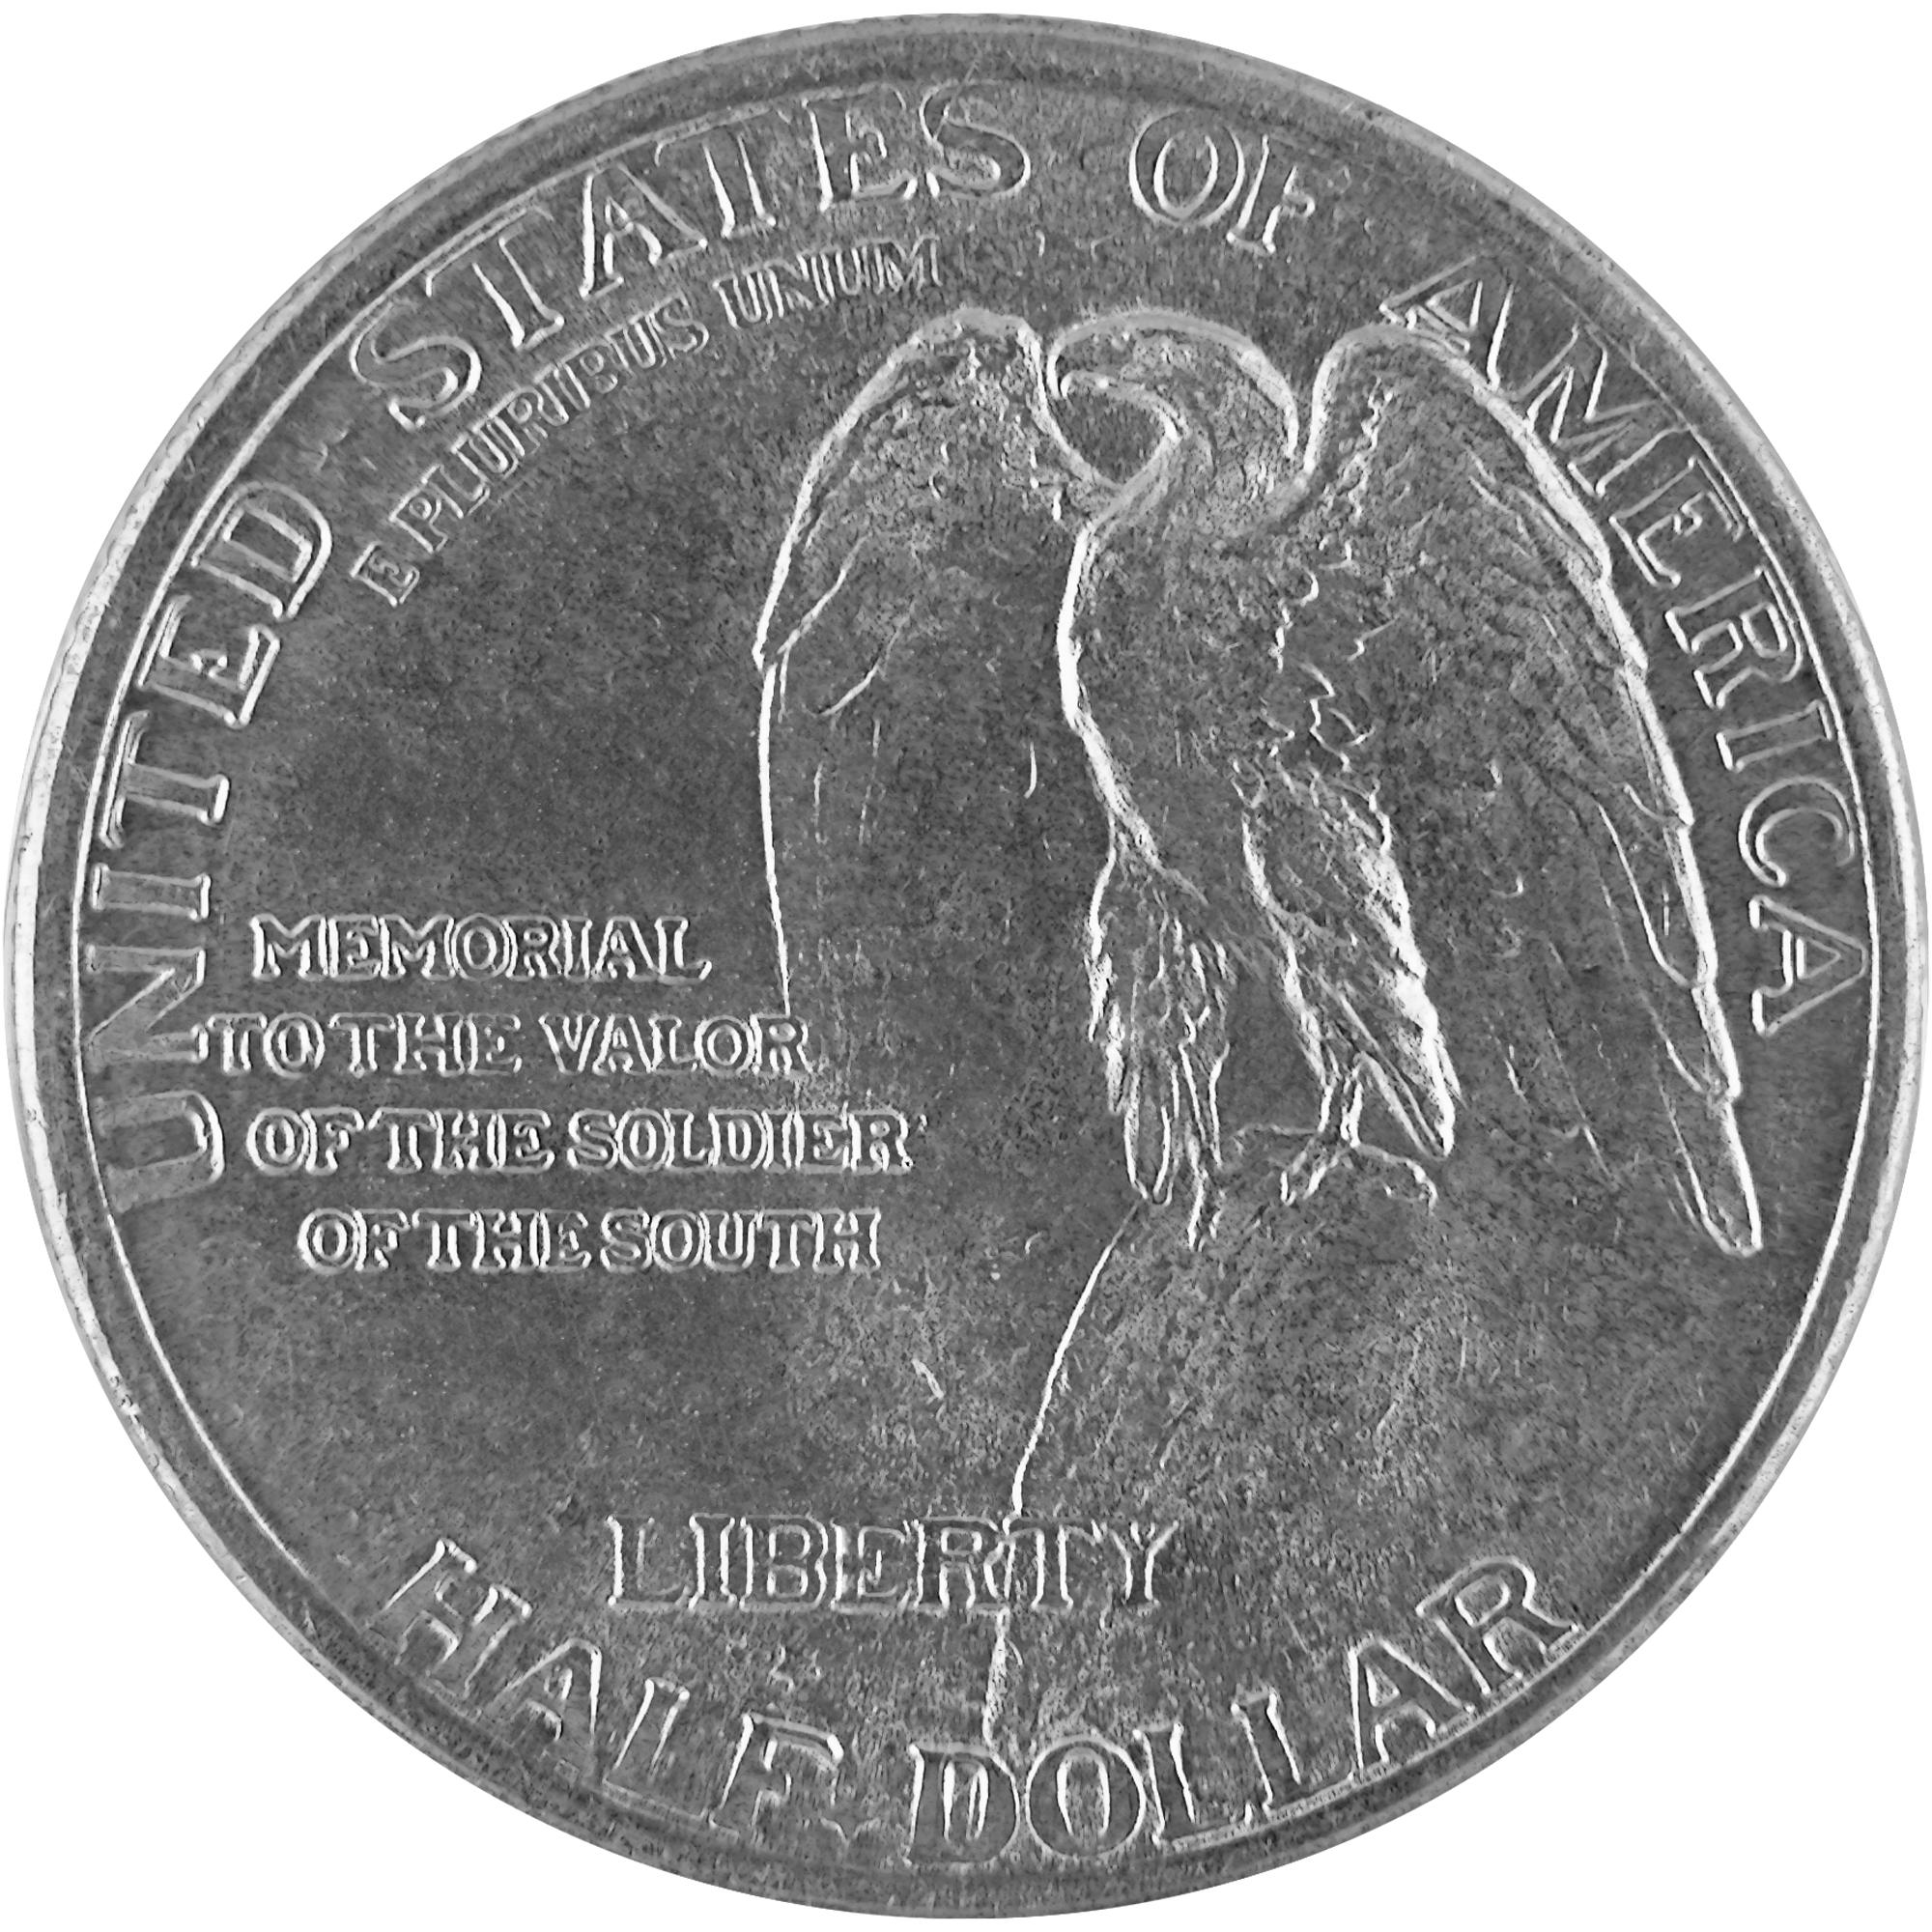 1925 Stone Mountain Memorial Commemorative Silver Half Dollar Coin Reverse